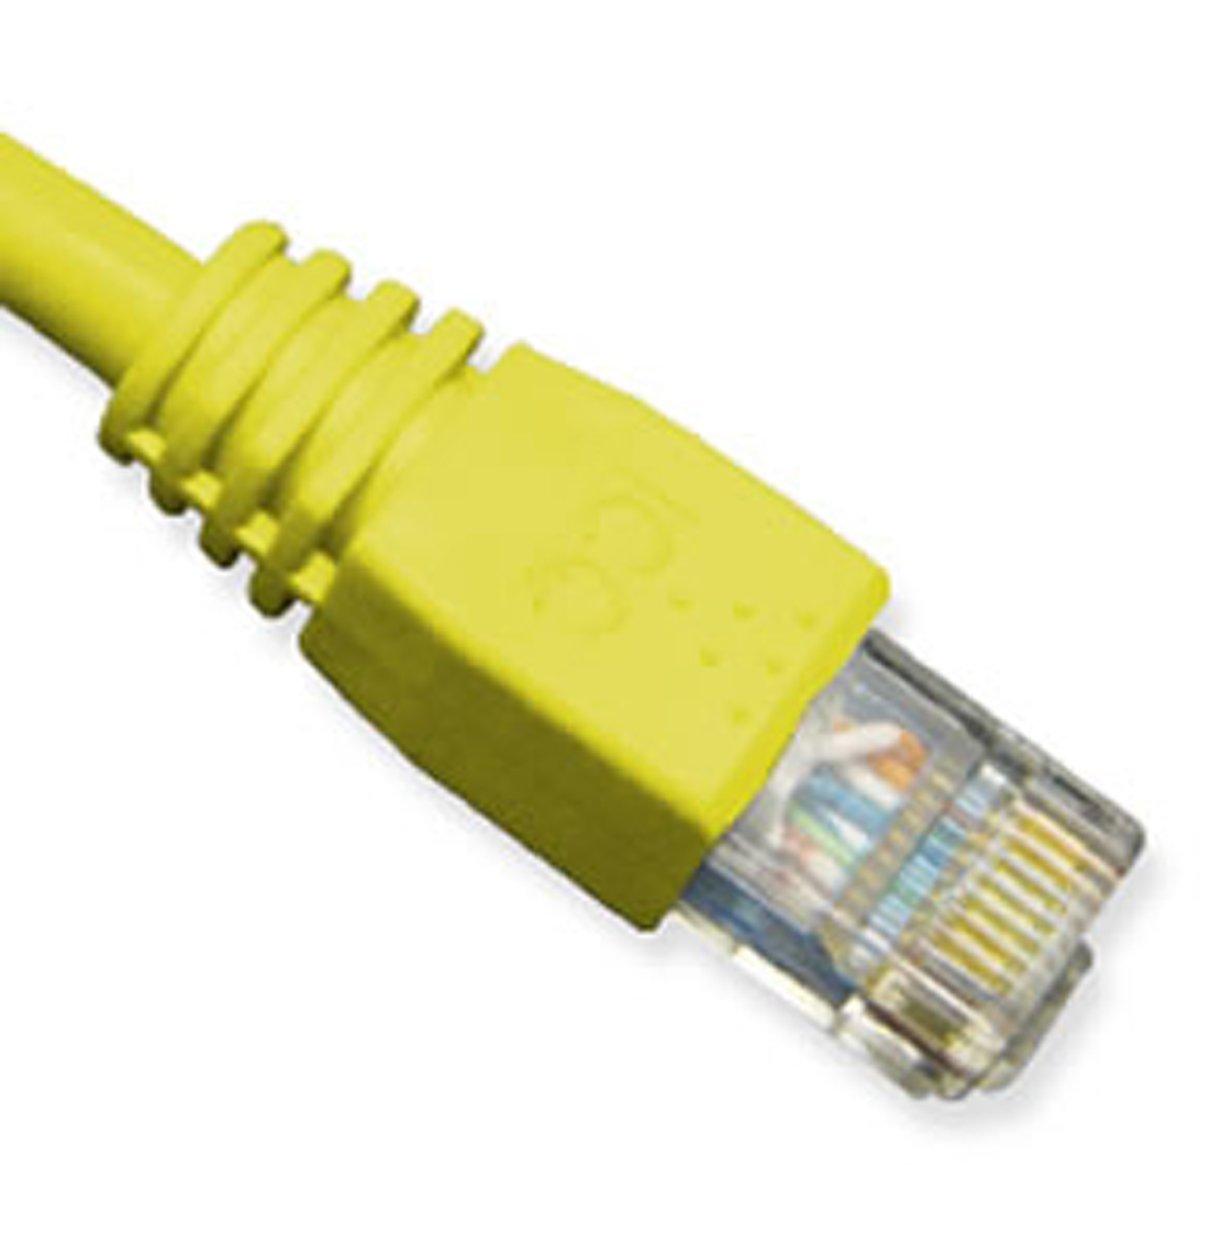 ICC PatchCord 14 Cat6 Yellow